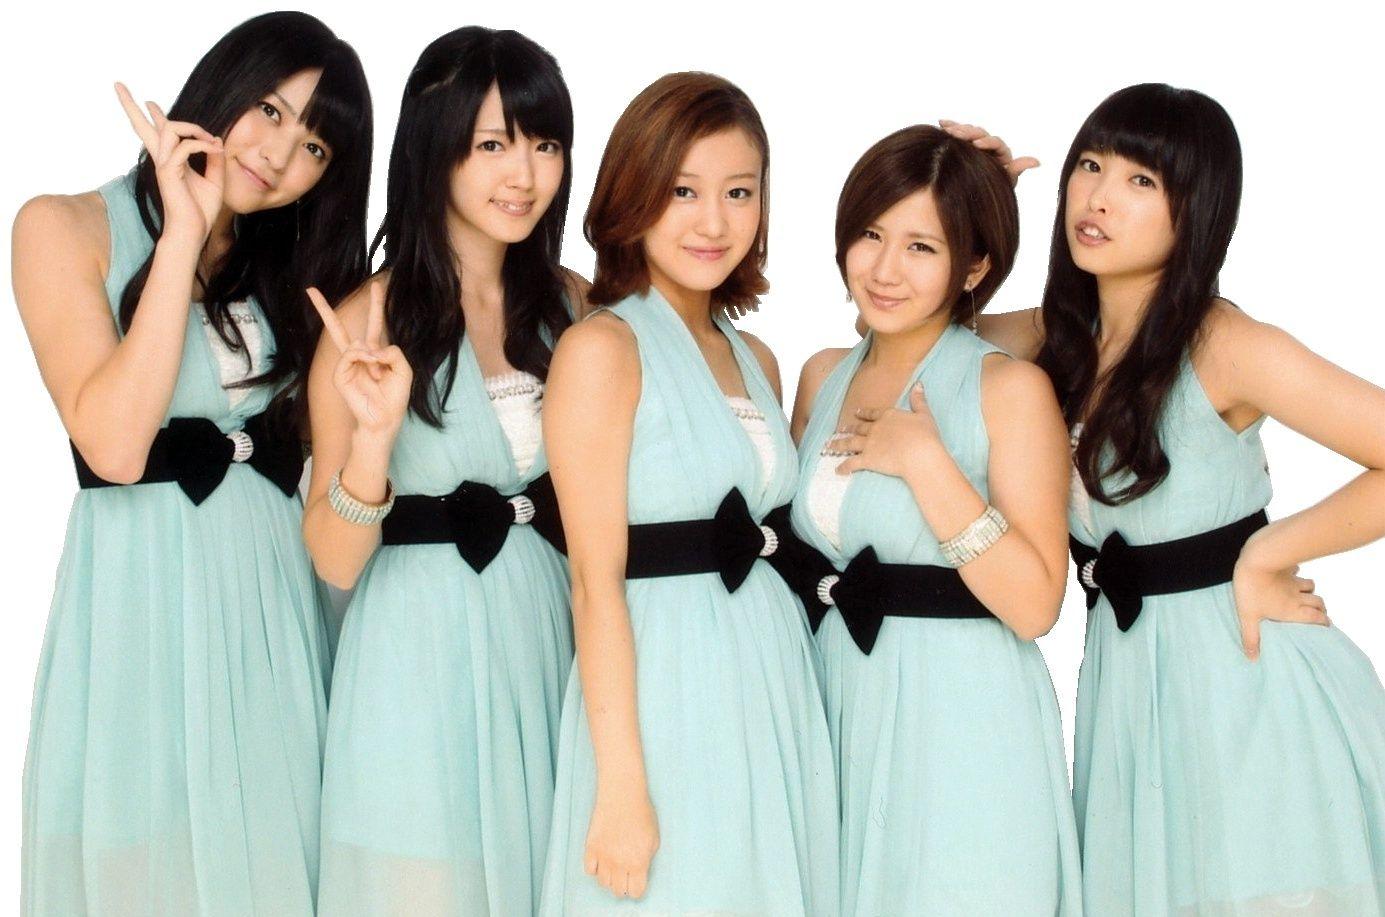 °C-ute - Japonaise Ac-ute10